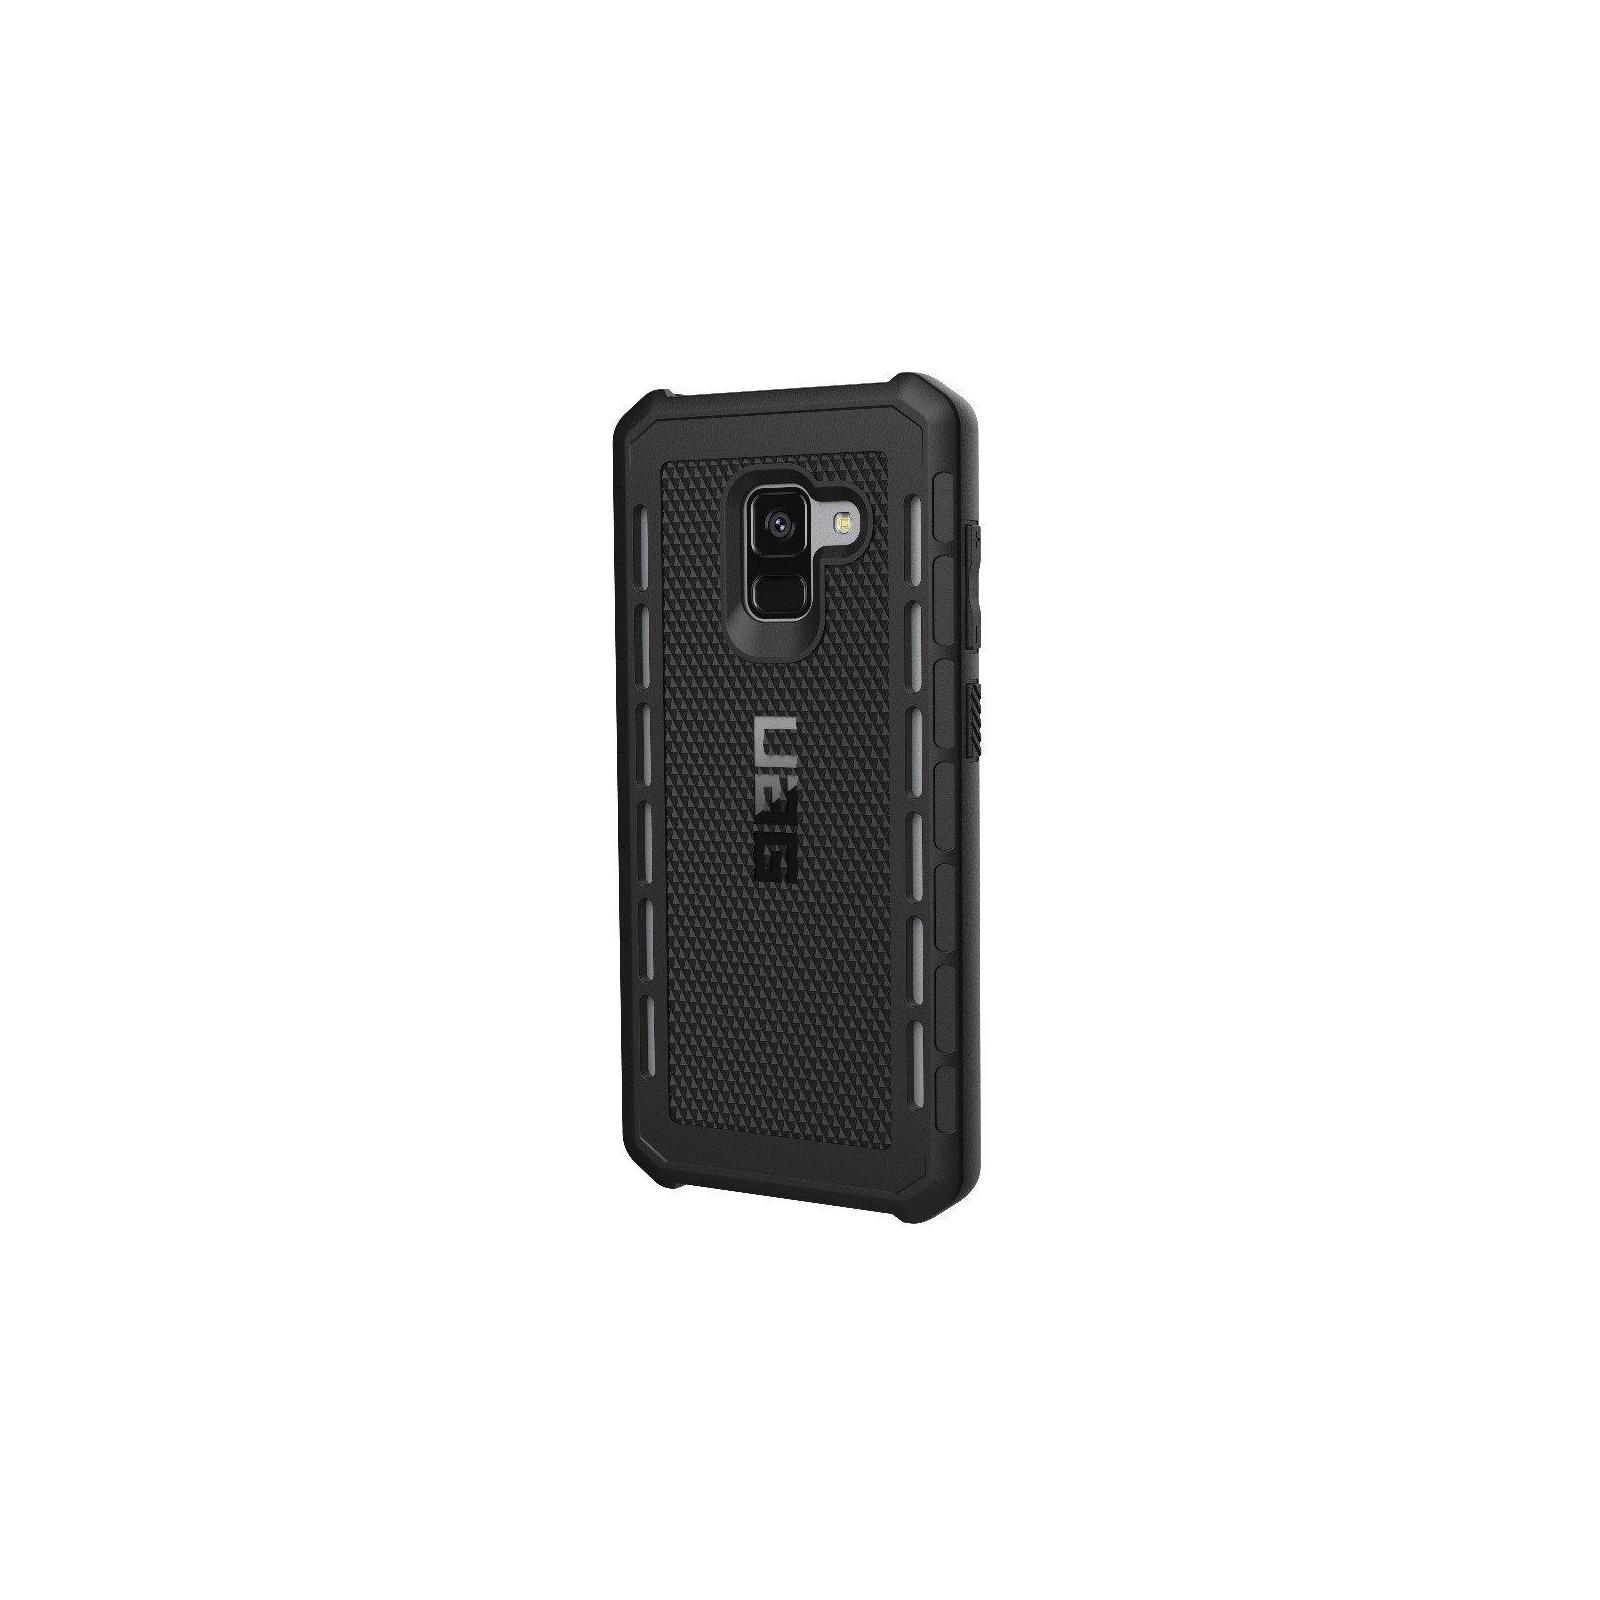 Чехол для моб. телефона UAG Samsung Galaxy A8 Outback Black (GLXA8-O-BK) изображение 4